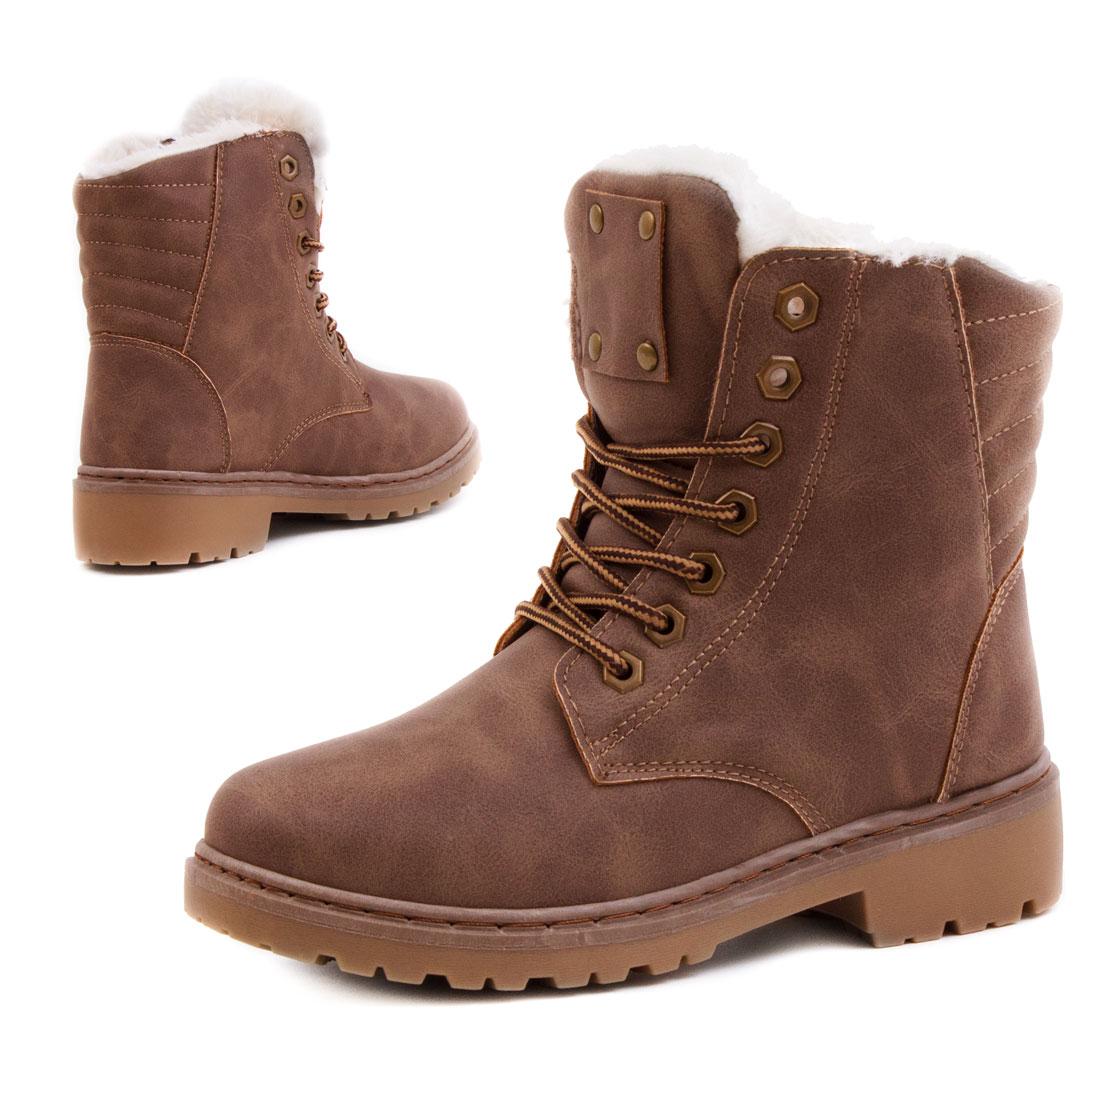 neu damen winter boots schuhe schn r stiefel gef ttert gr e 36 37 38 39 40 41. Black Bedroom Furniture Sets. Home Design Ideas